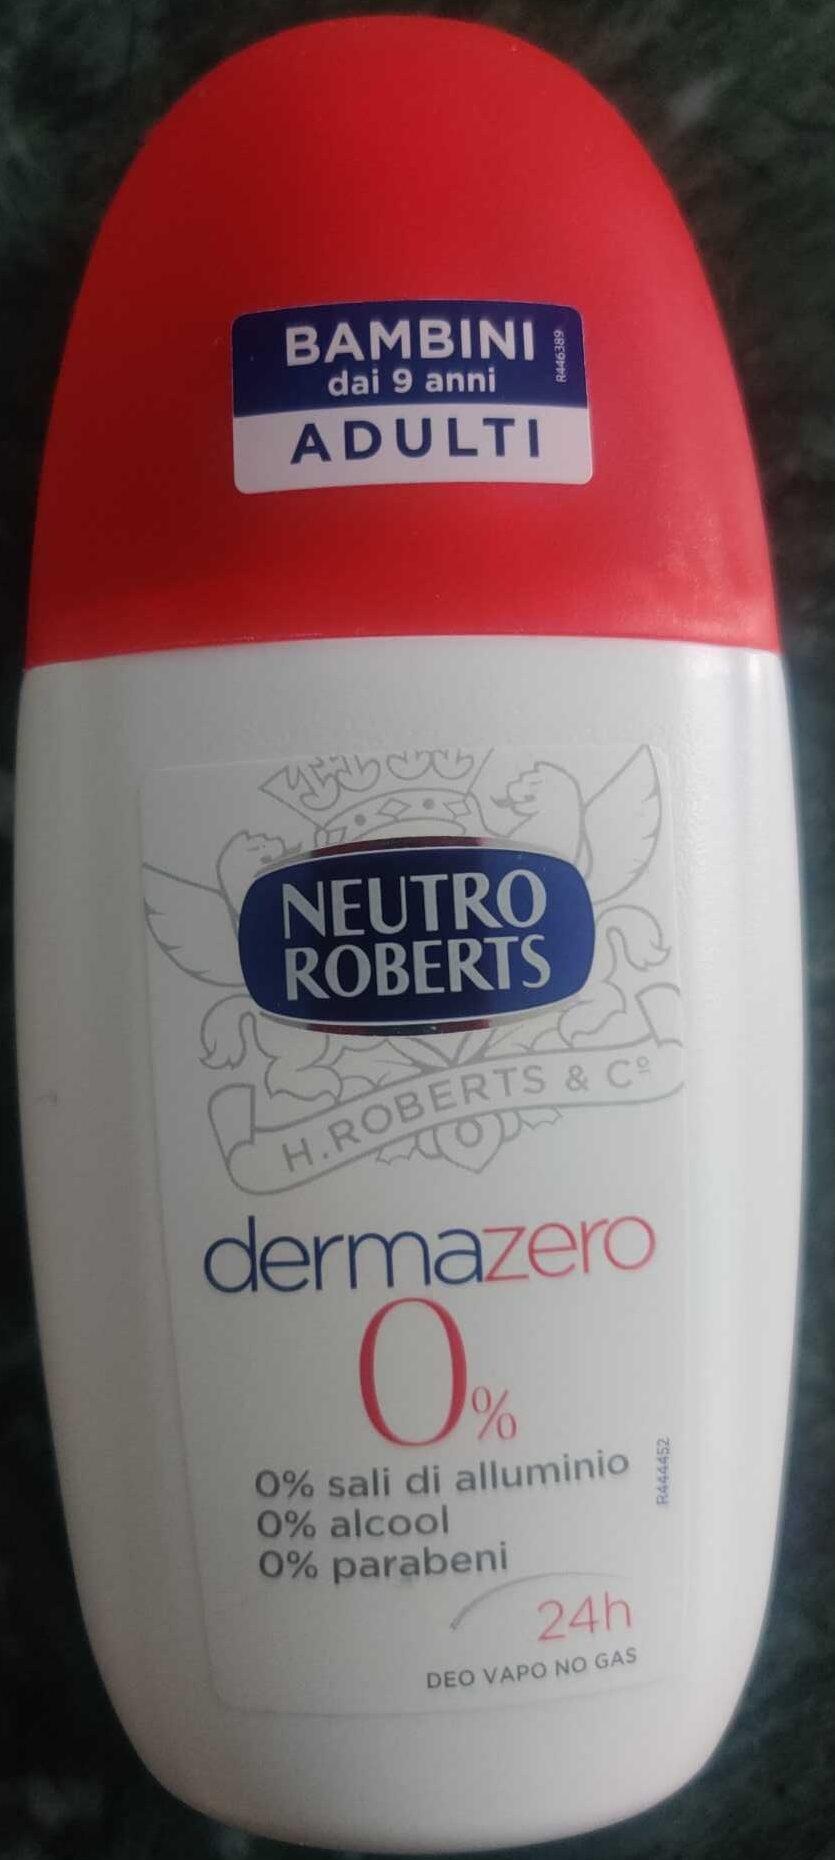 dermazero - Product - it